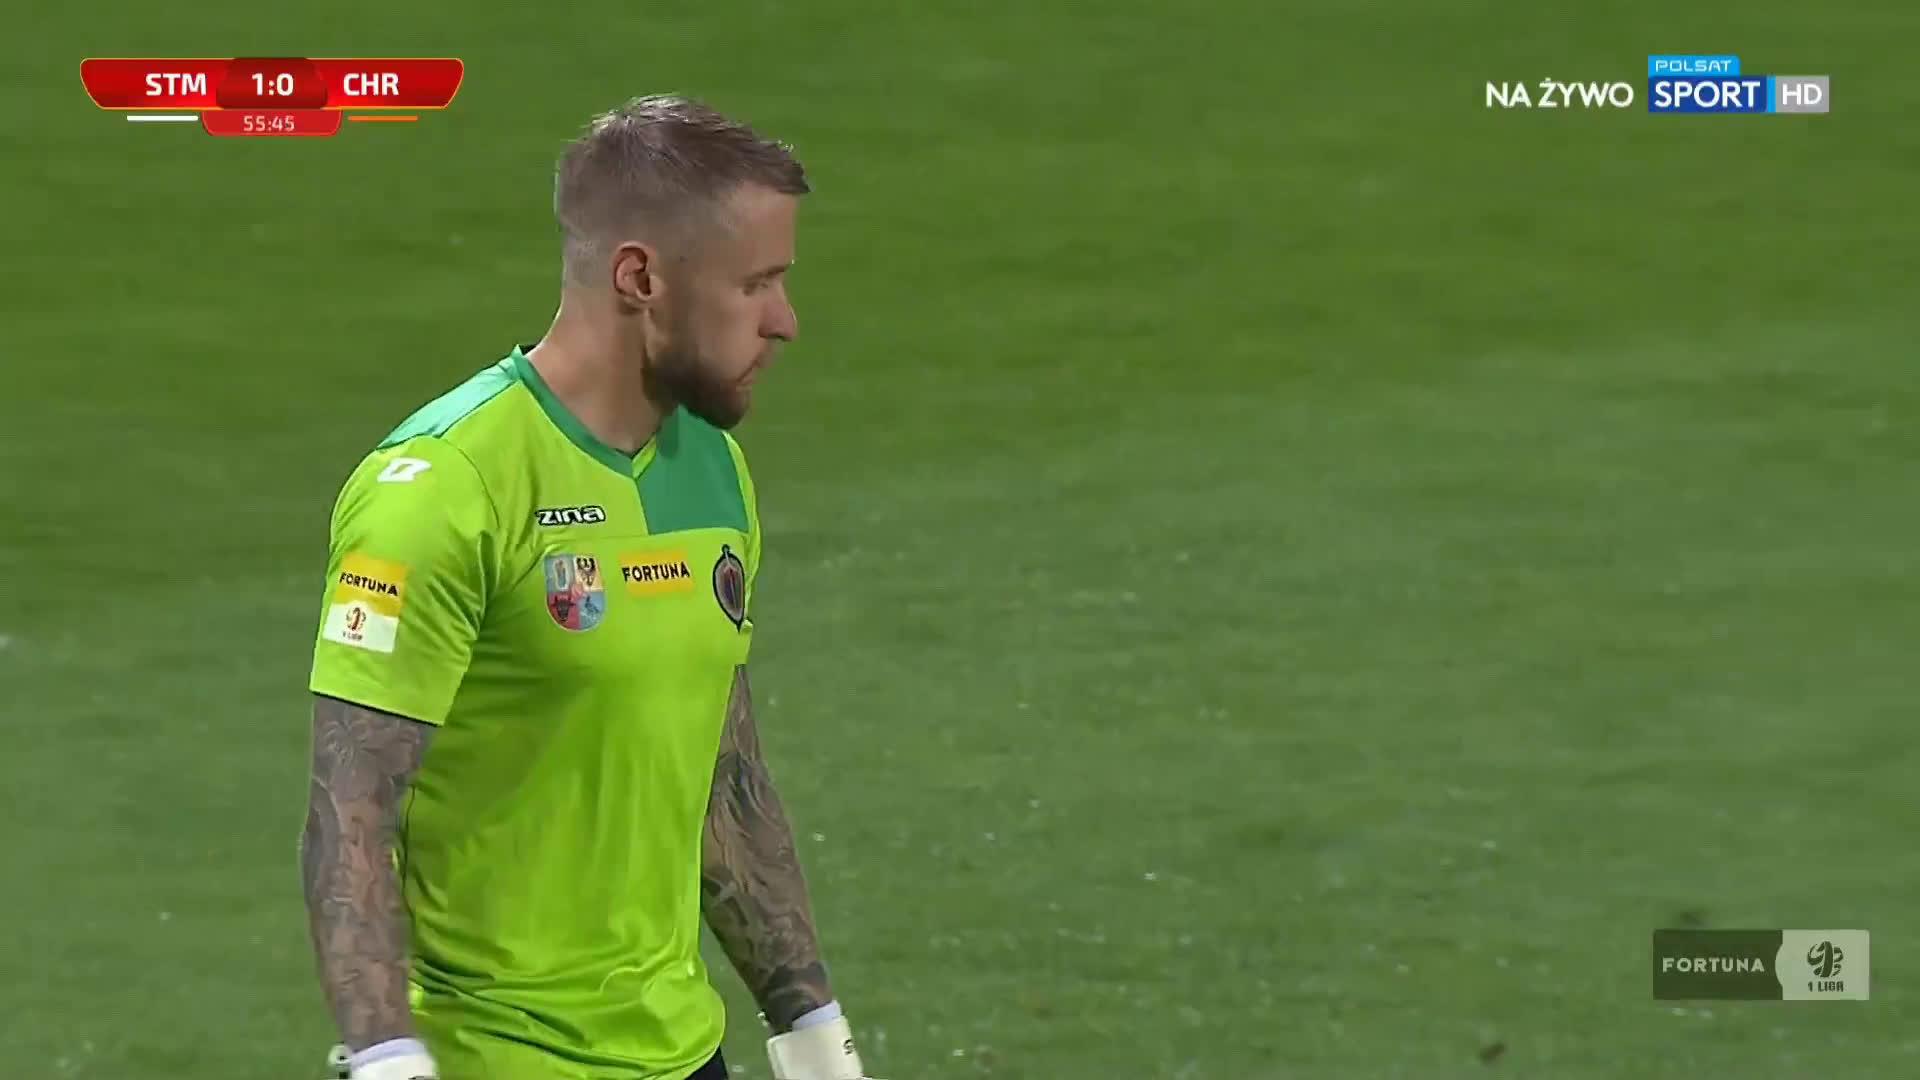 Stal Mielec 1-0 Chrobry Głogów - Maciej Domański 56' (Polish I liga)